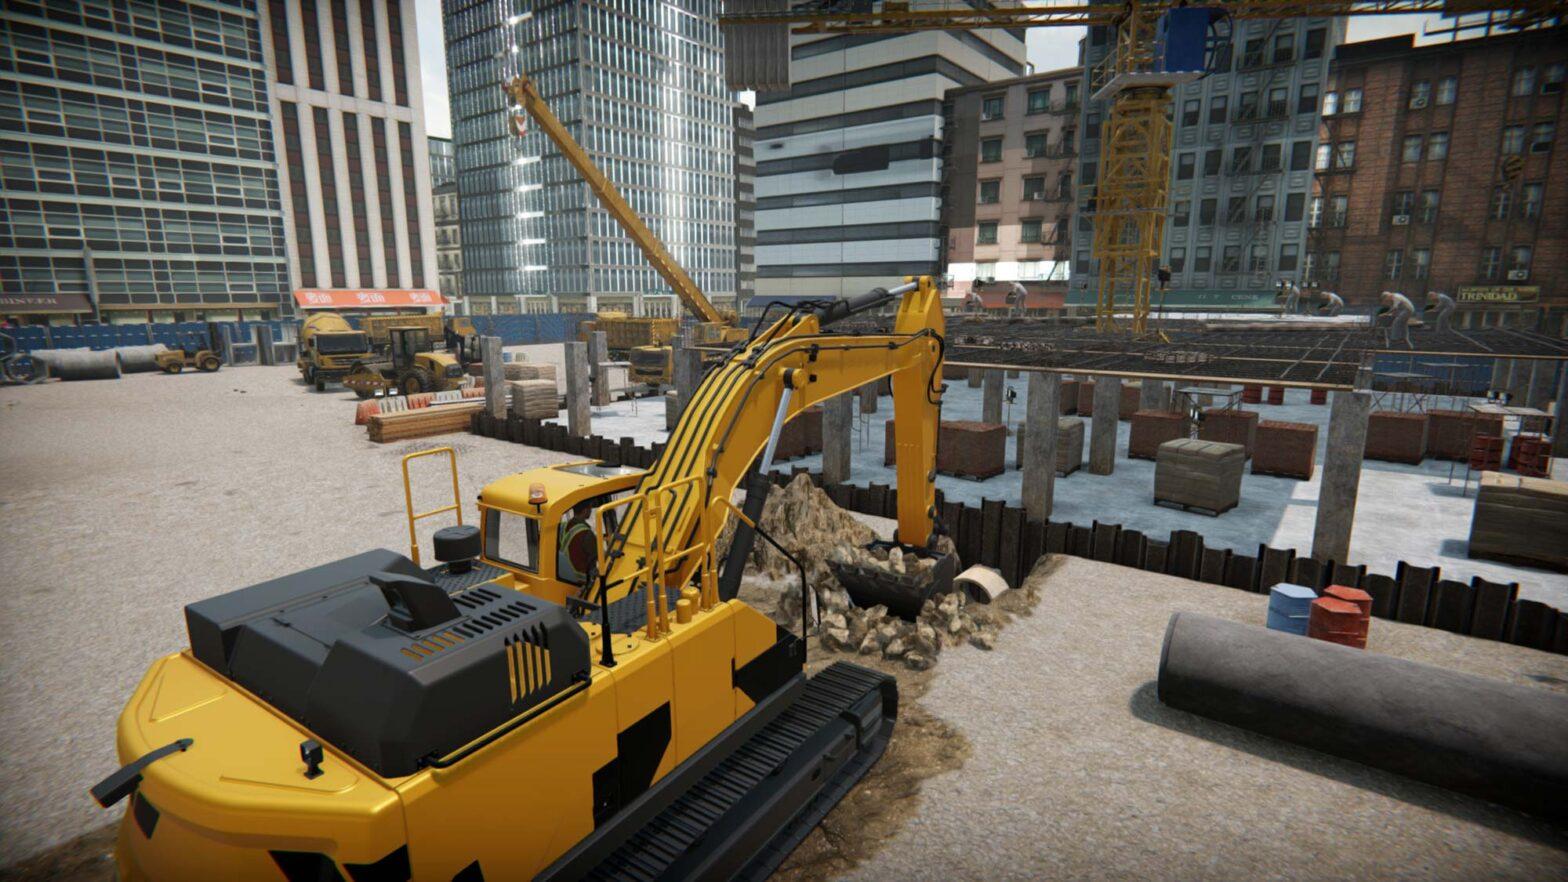 Excavator Simulator Video Game